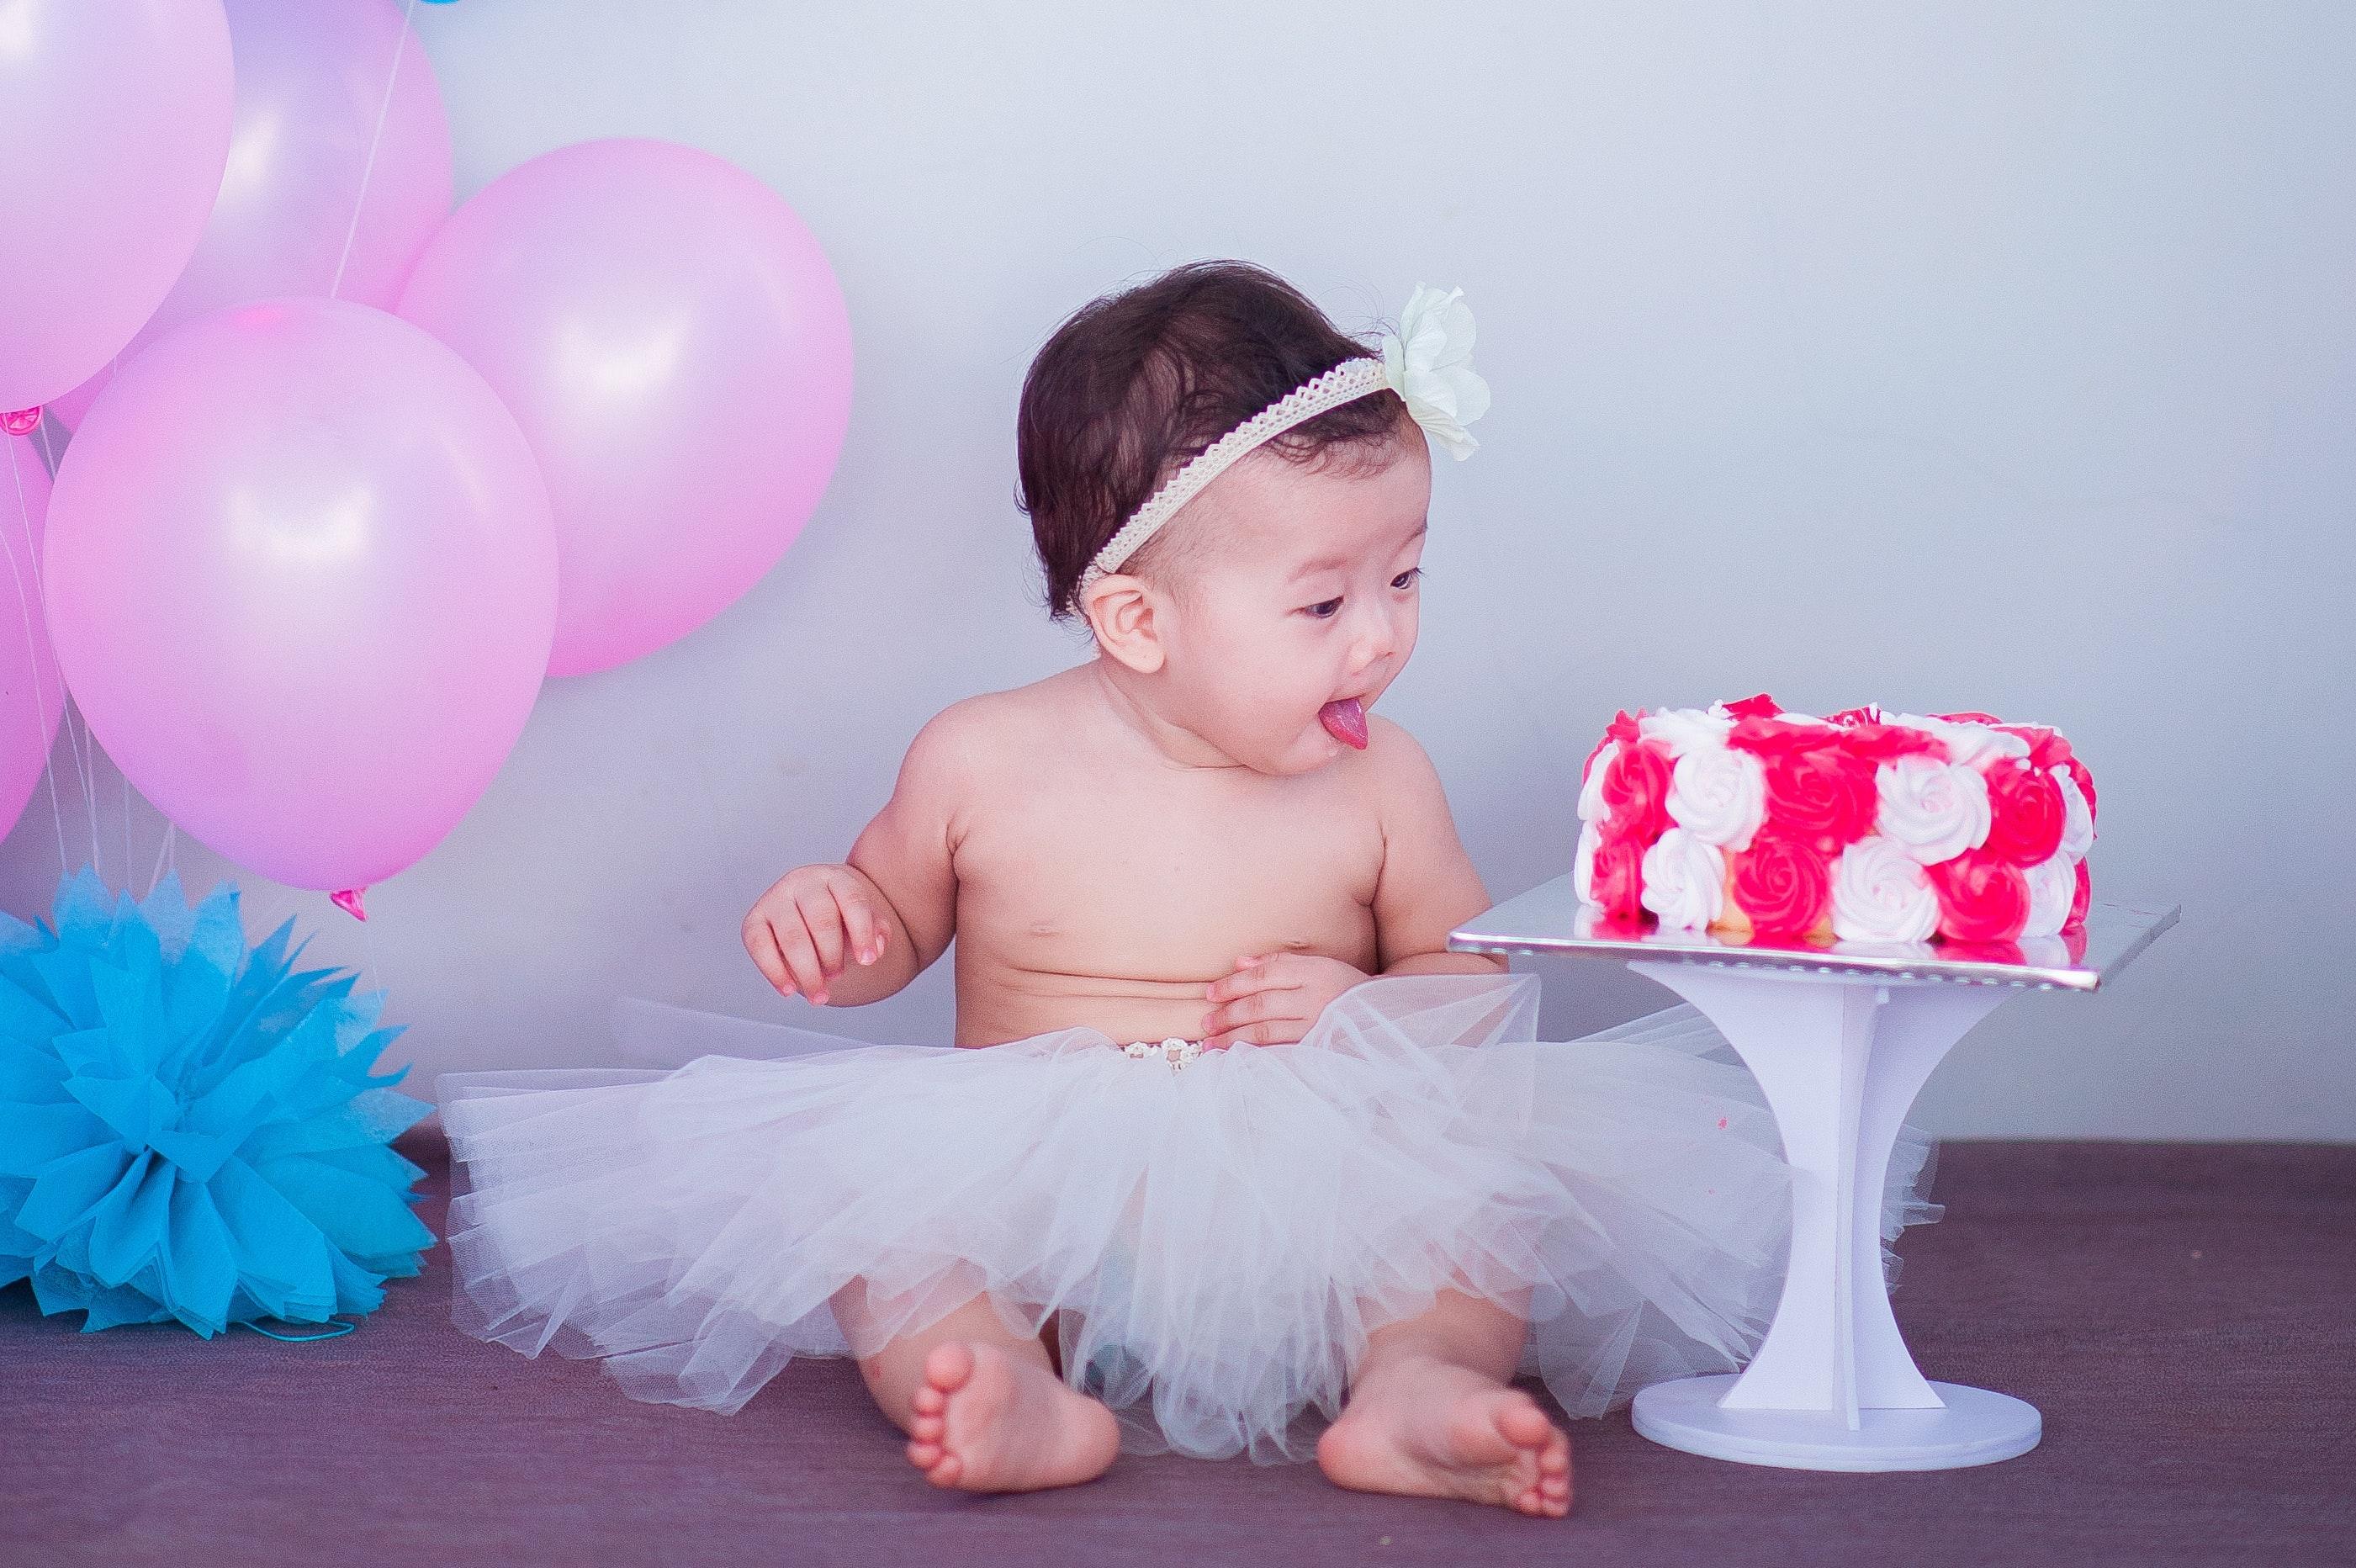 Baby in White Tutu Skirt Beside Cake, Adorable, Baby, Beautiful, Birthday, HQ Photo